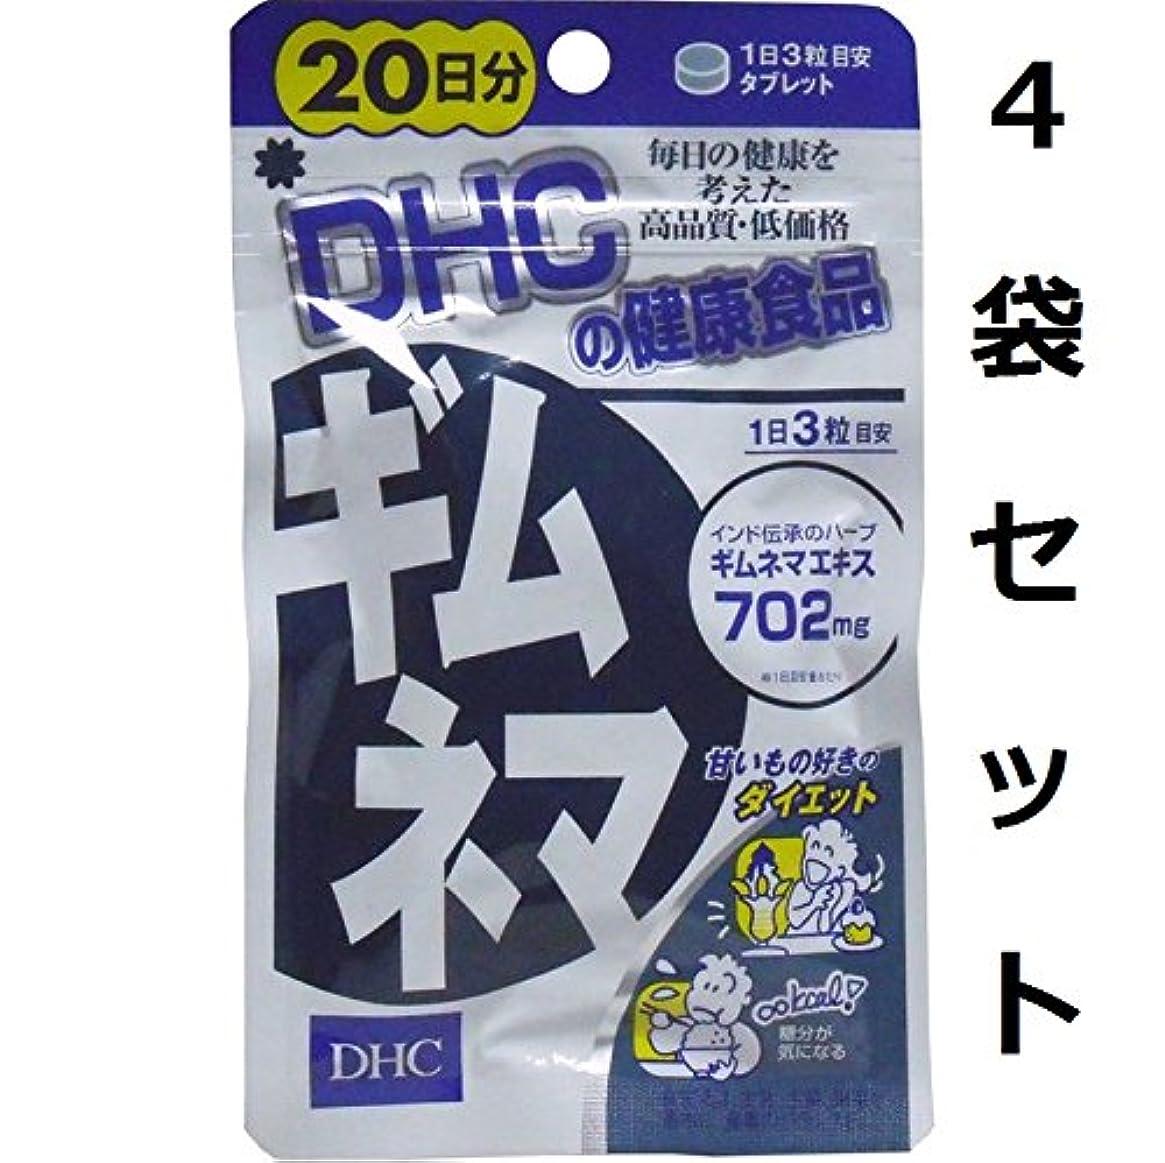 墓地バインドチャールズキージング糖分や炭水化物を多く摂る人に DHC ギムネマ 20日分 60粒 4袋セット